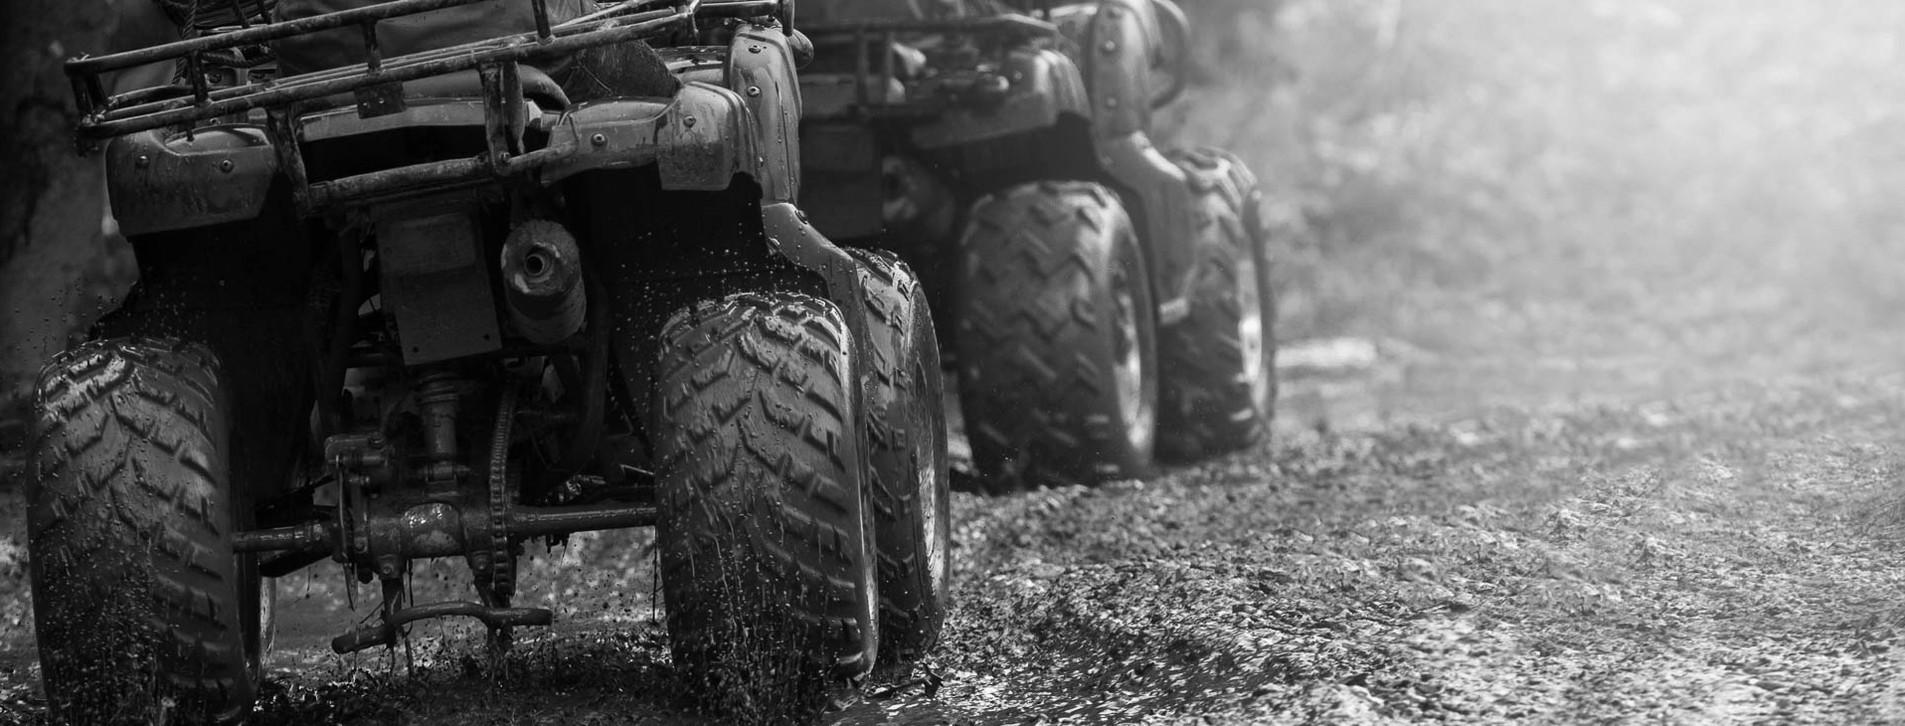 Фото - Экстрим на квадроциклах для двоих